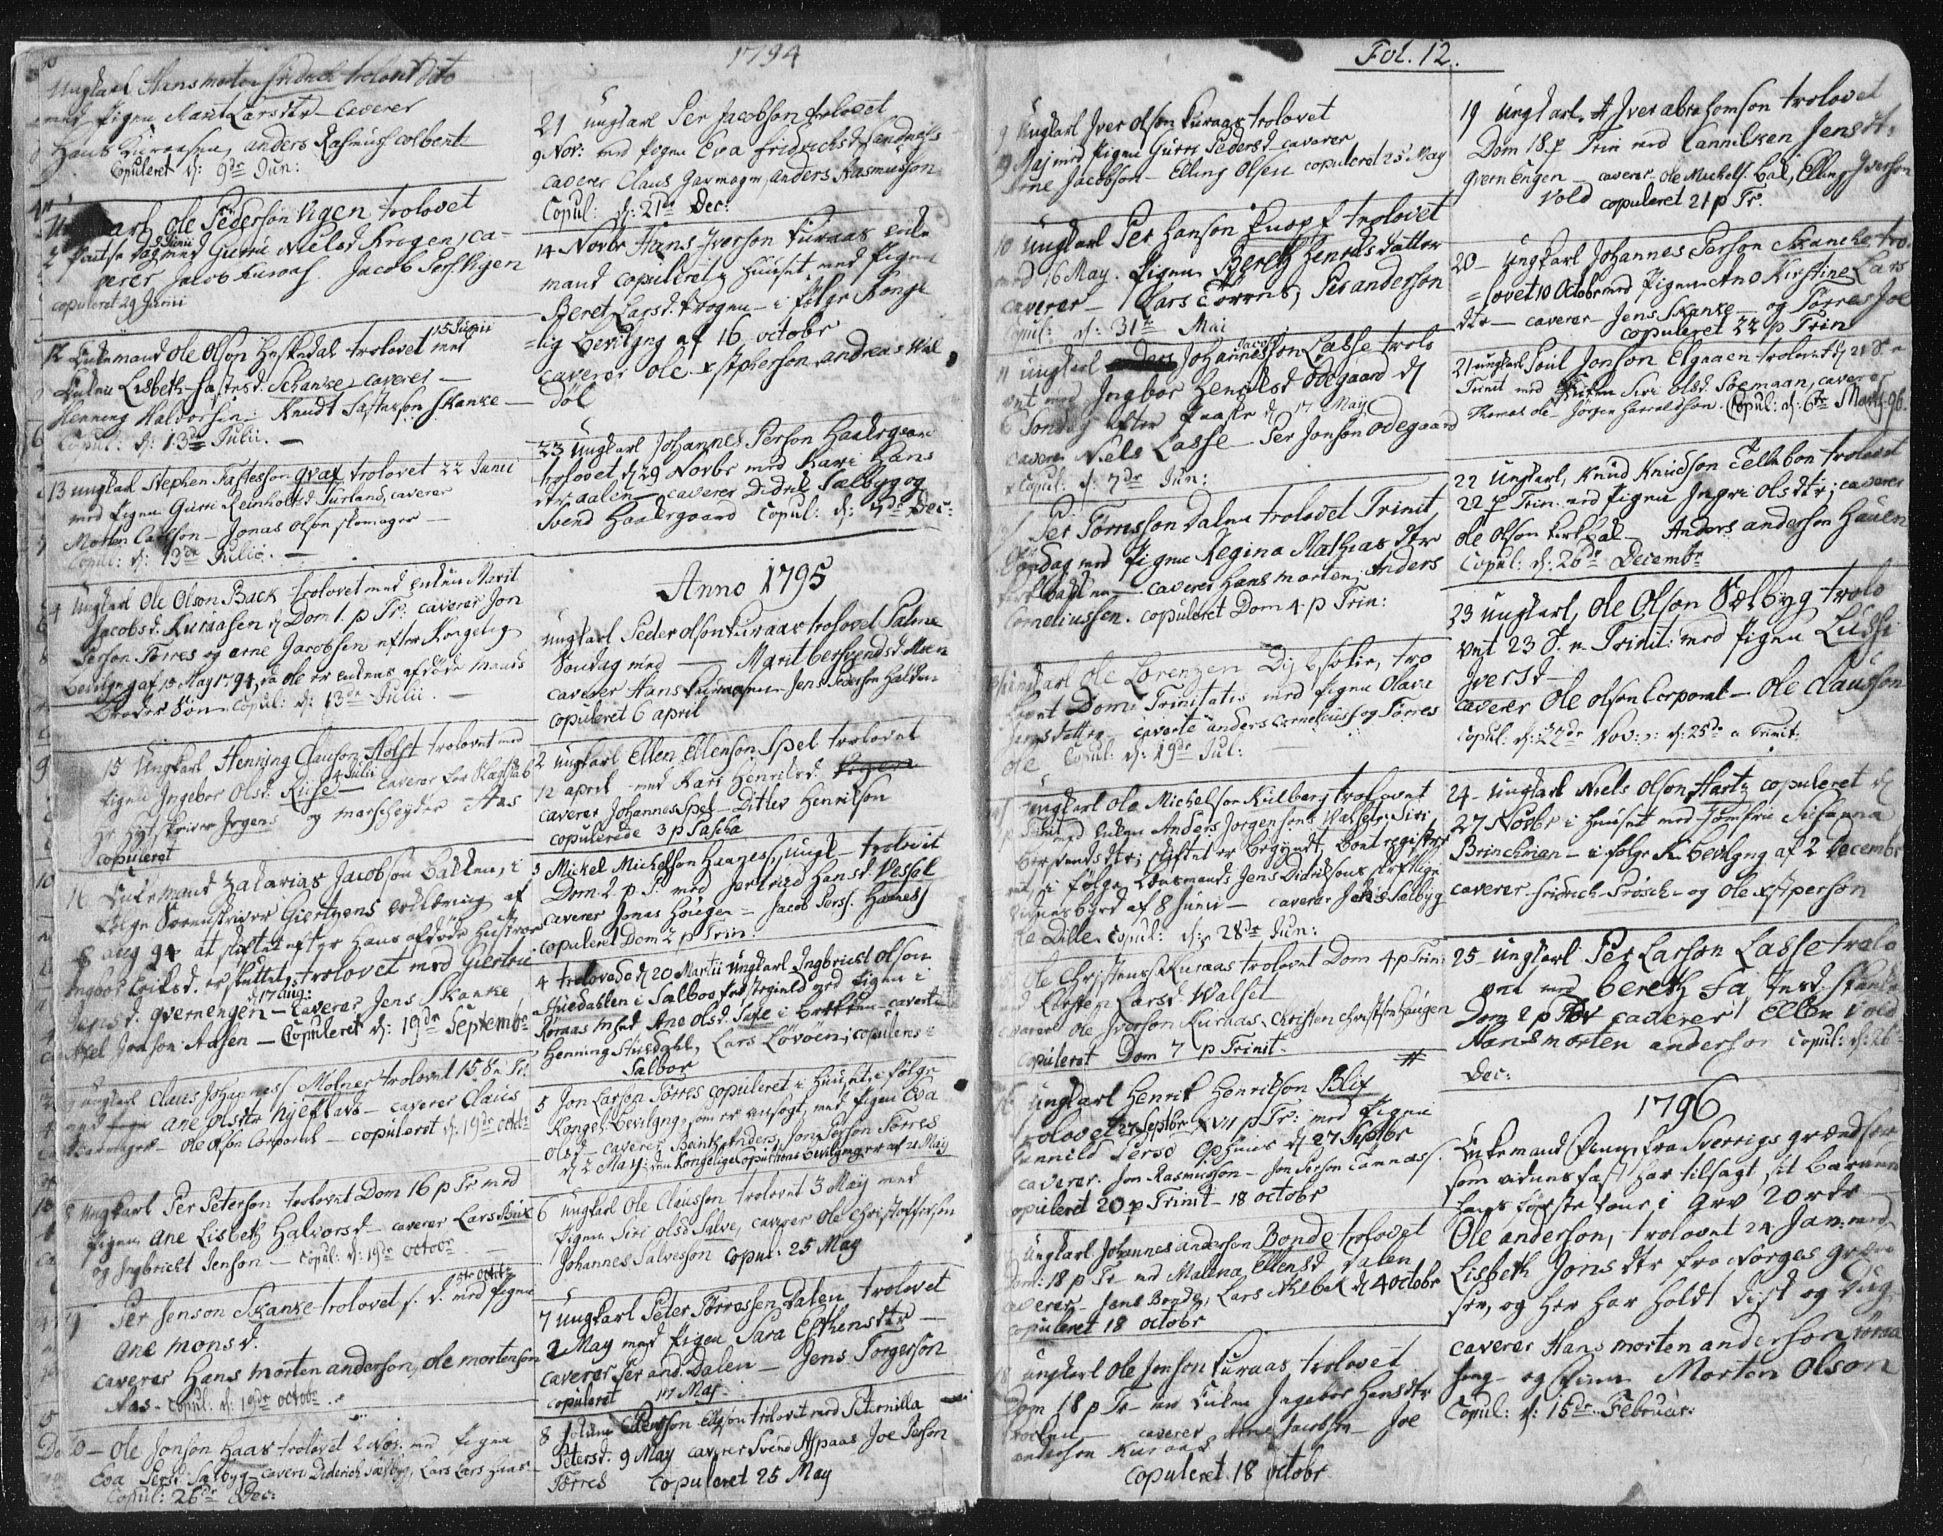 SAT, Ministerialprotokoller, klokkerbøker og fødselsregistre - Sør-Trøndelag, 681/L0926: Ministerialbok nr. 681A04, 1767-1797, s. 12